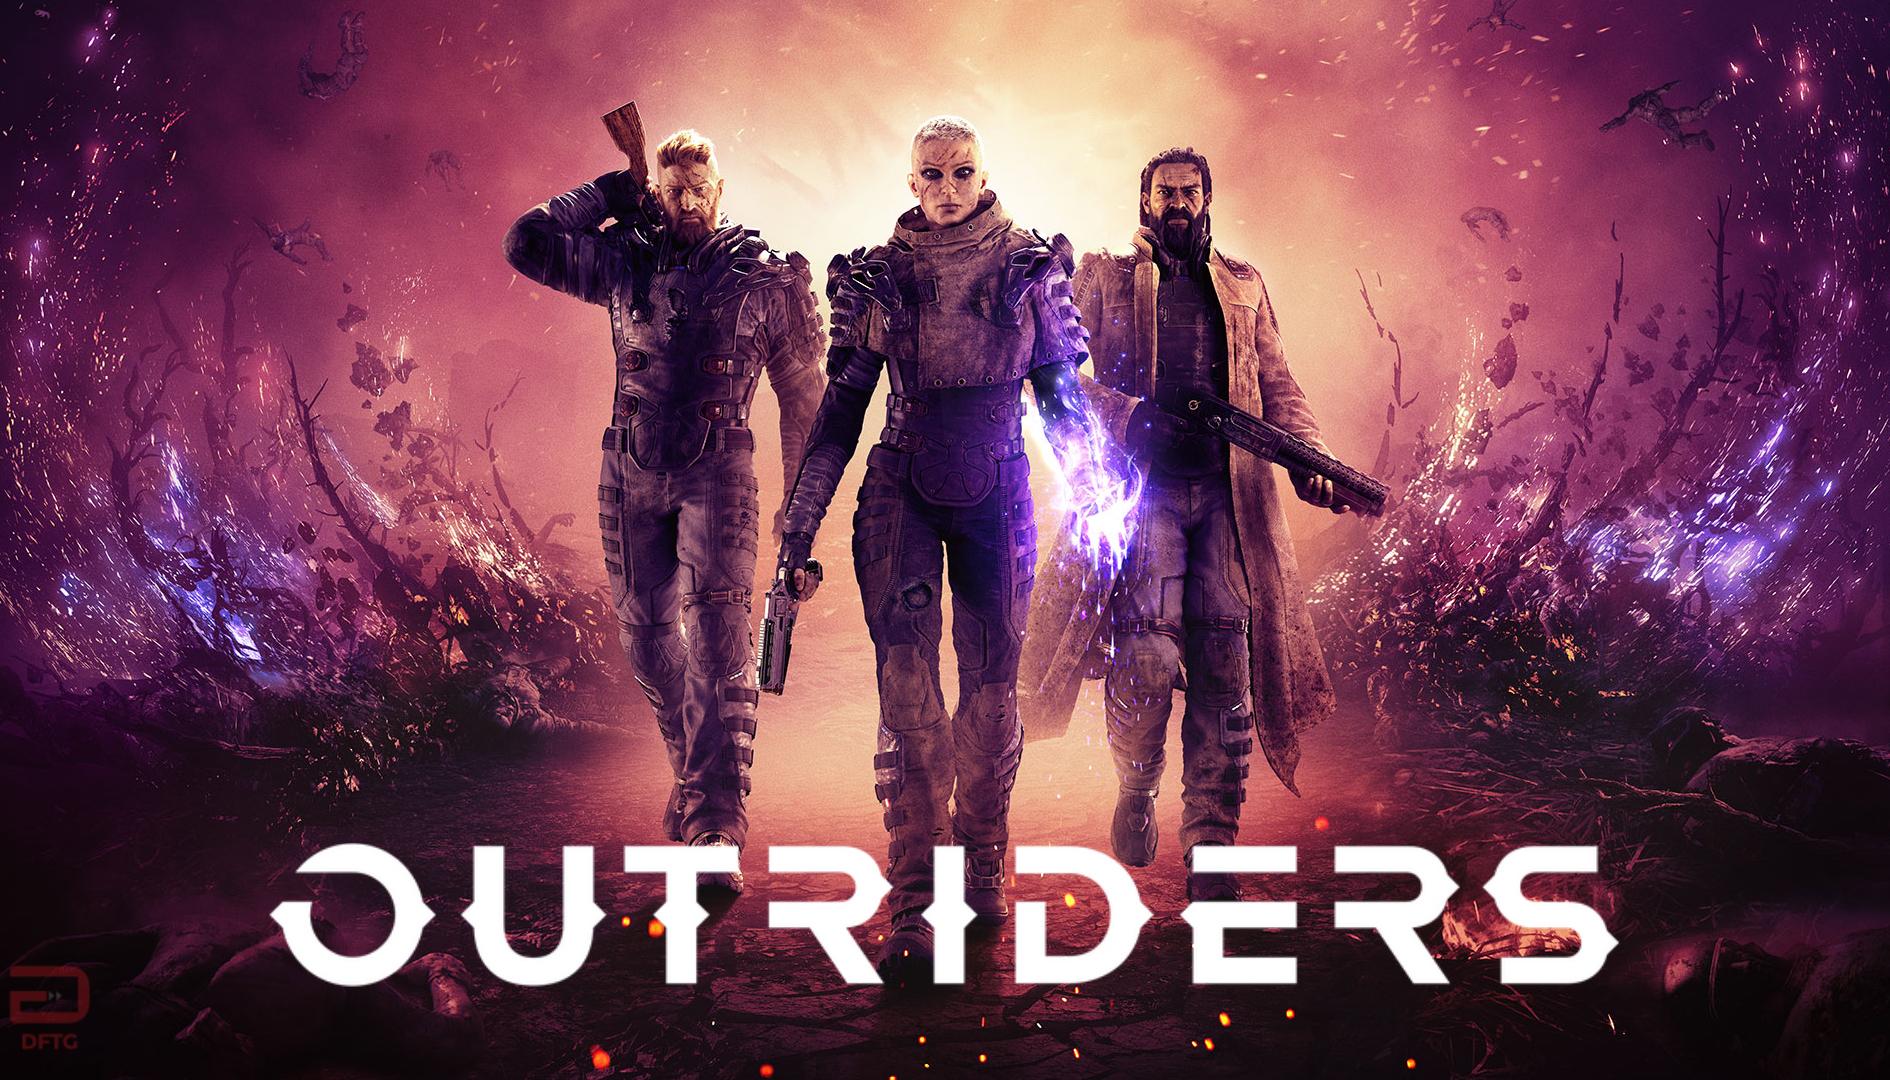 Outriders: svelato trailer e periodo di lancio all'E3 2019